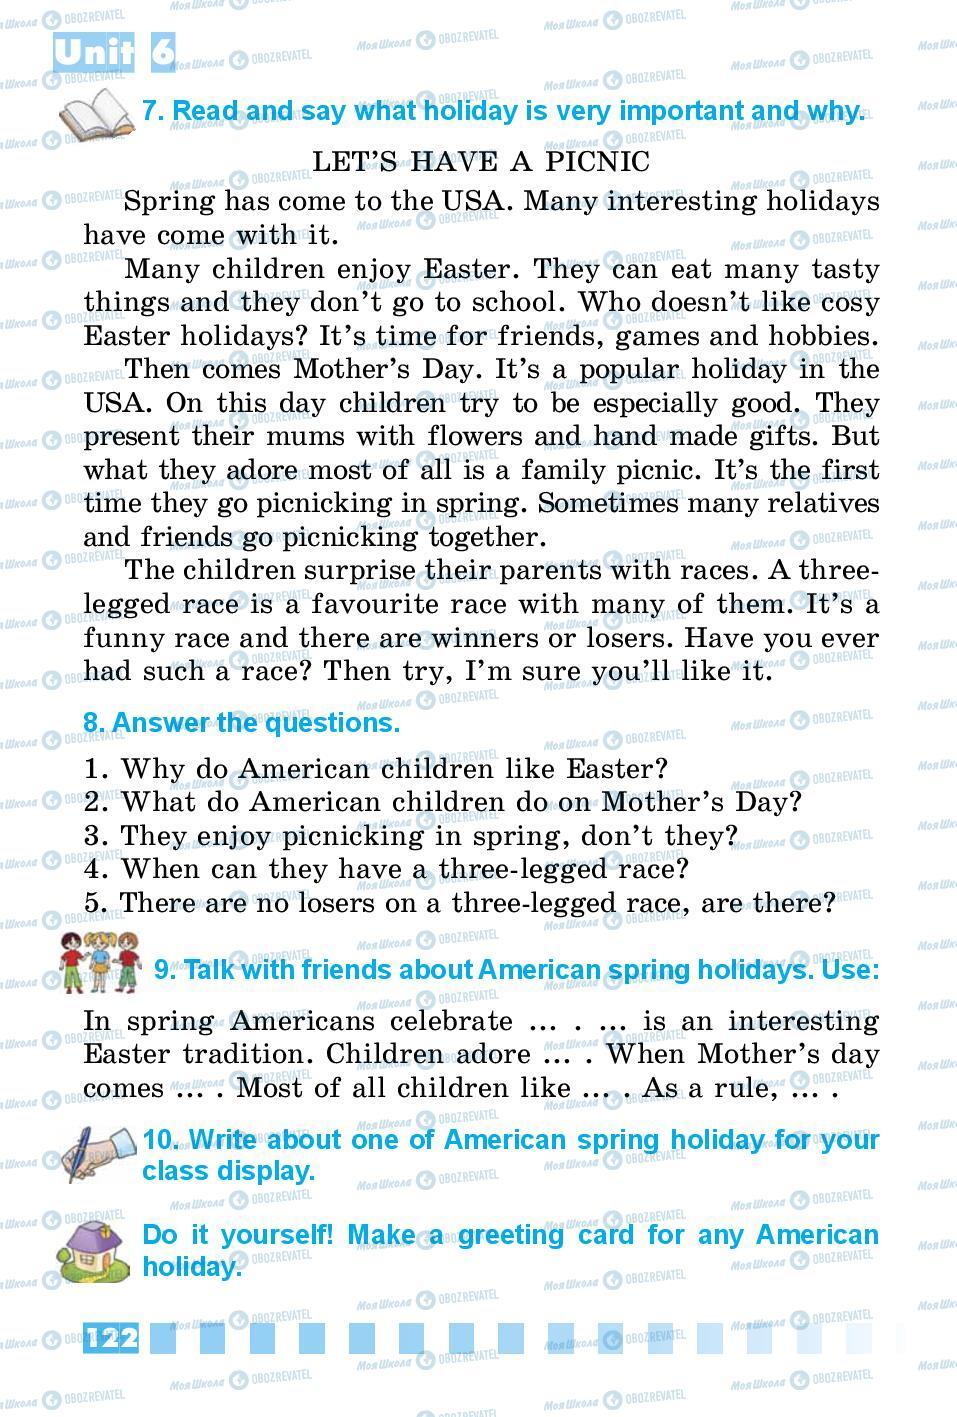 Підручники Англійська мова 3 клас сторінка 122